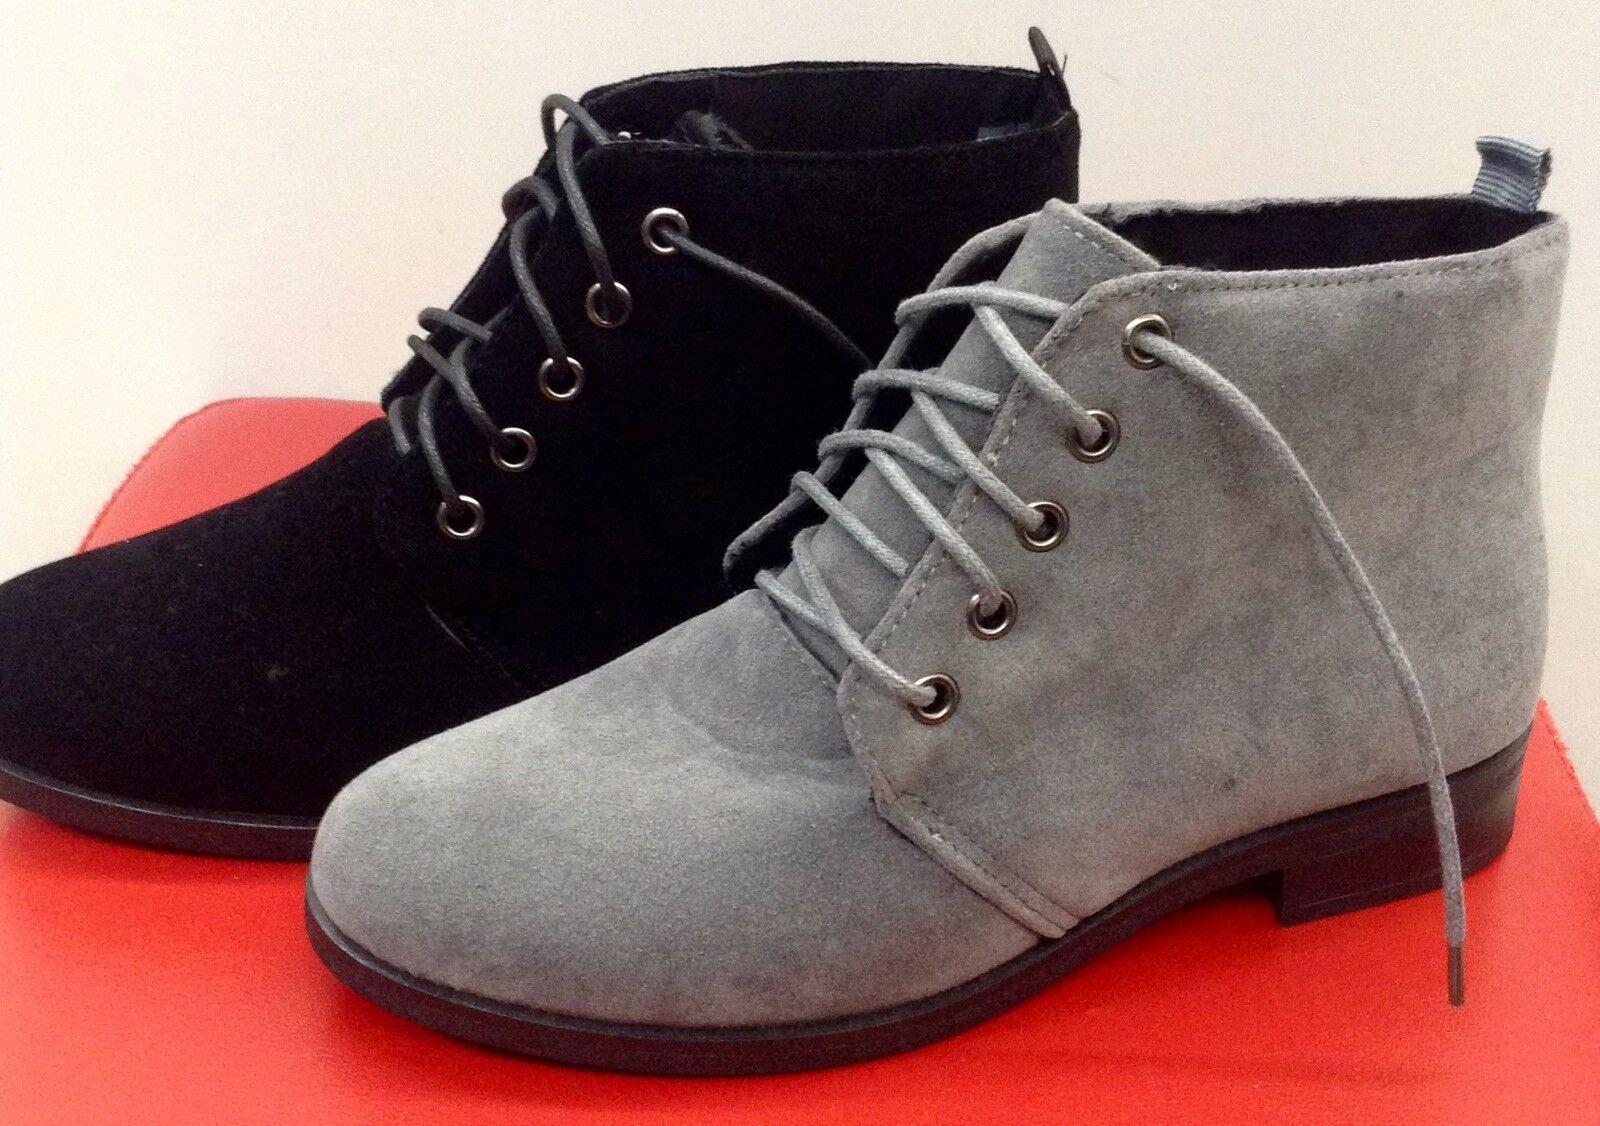 Damen Herbst/Winter Schuhe Stiefeletten Boots Schnürstiefel 36-41 Schwarz / Grau